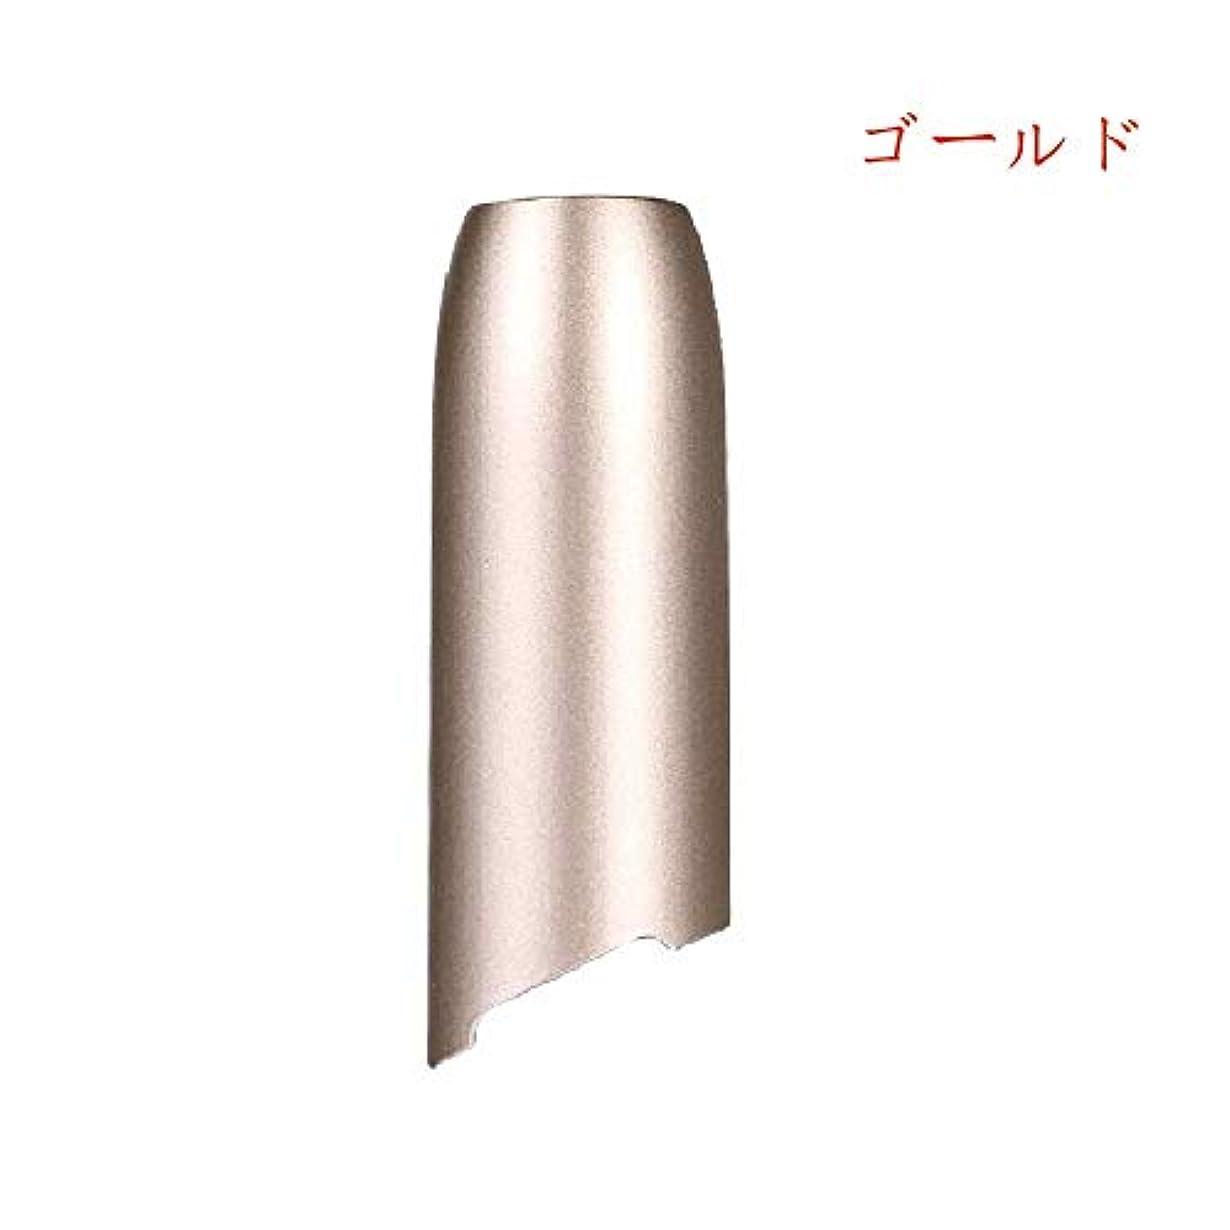 増幅器の慈悲でボクシングAomgsd IQOS3 CAP アイコス3 電子タバコ キャップ 対応互換品キャップ (ゴールド)